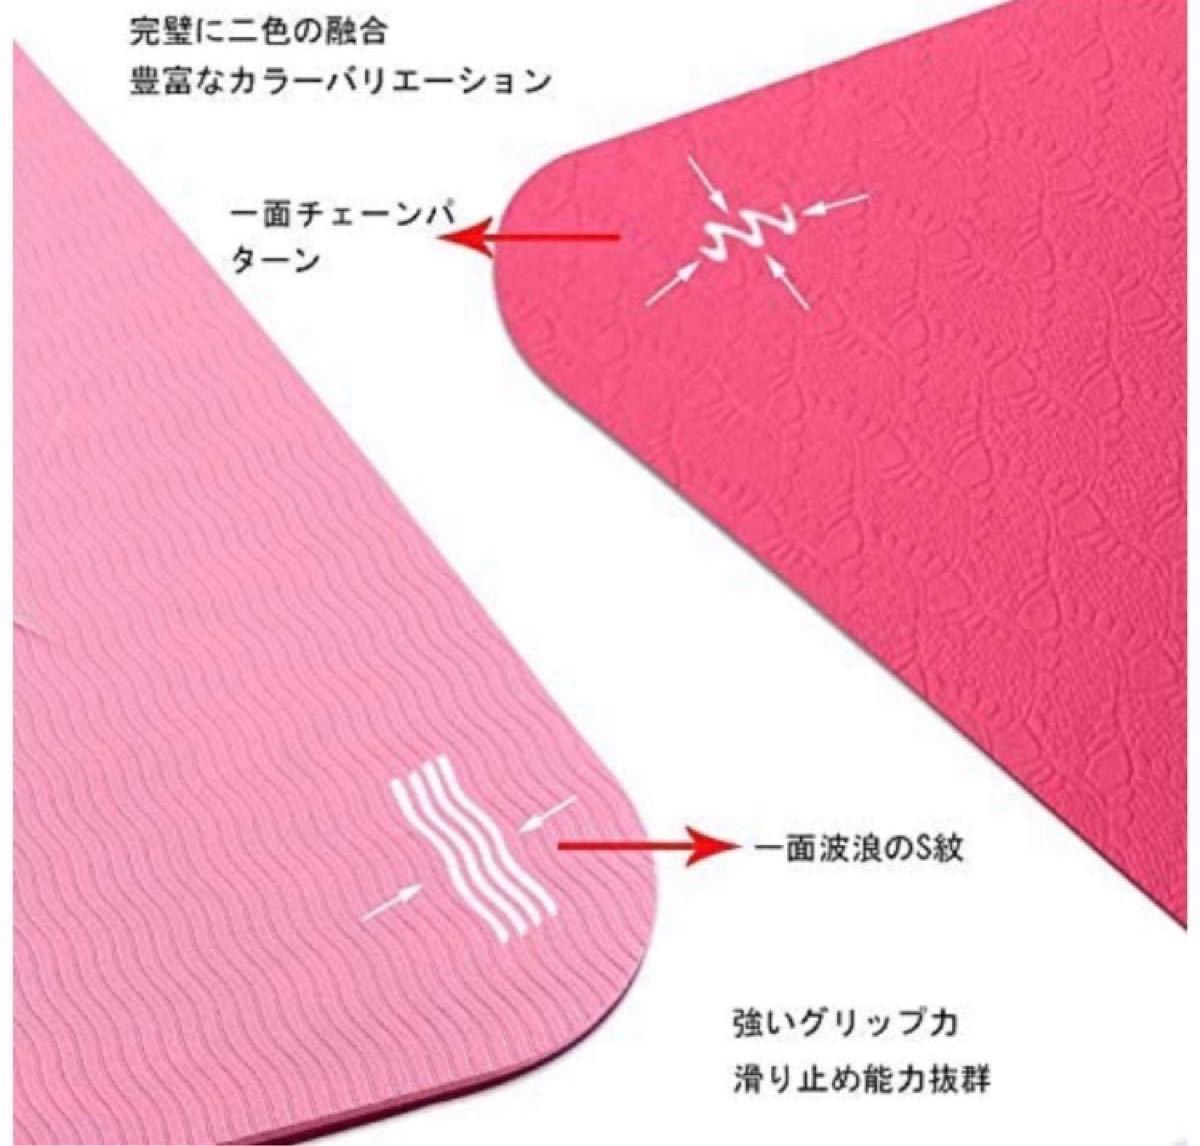 【ピンク】ヨガマット エクササイズマット ストレッチマット 厚さ6mm 両面滑り止め 持ち運び 収納ケース付き 軽量